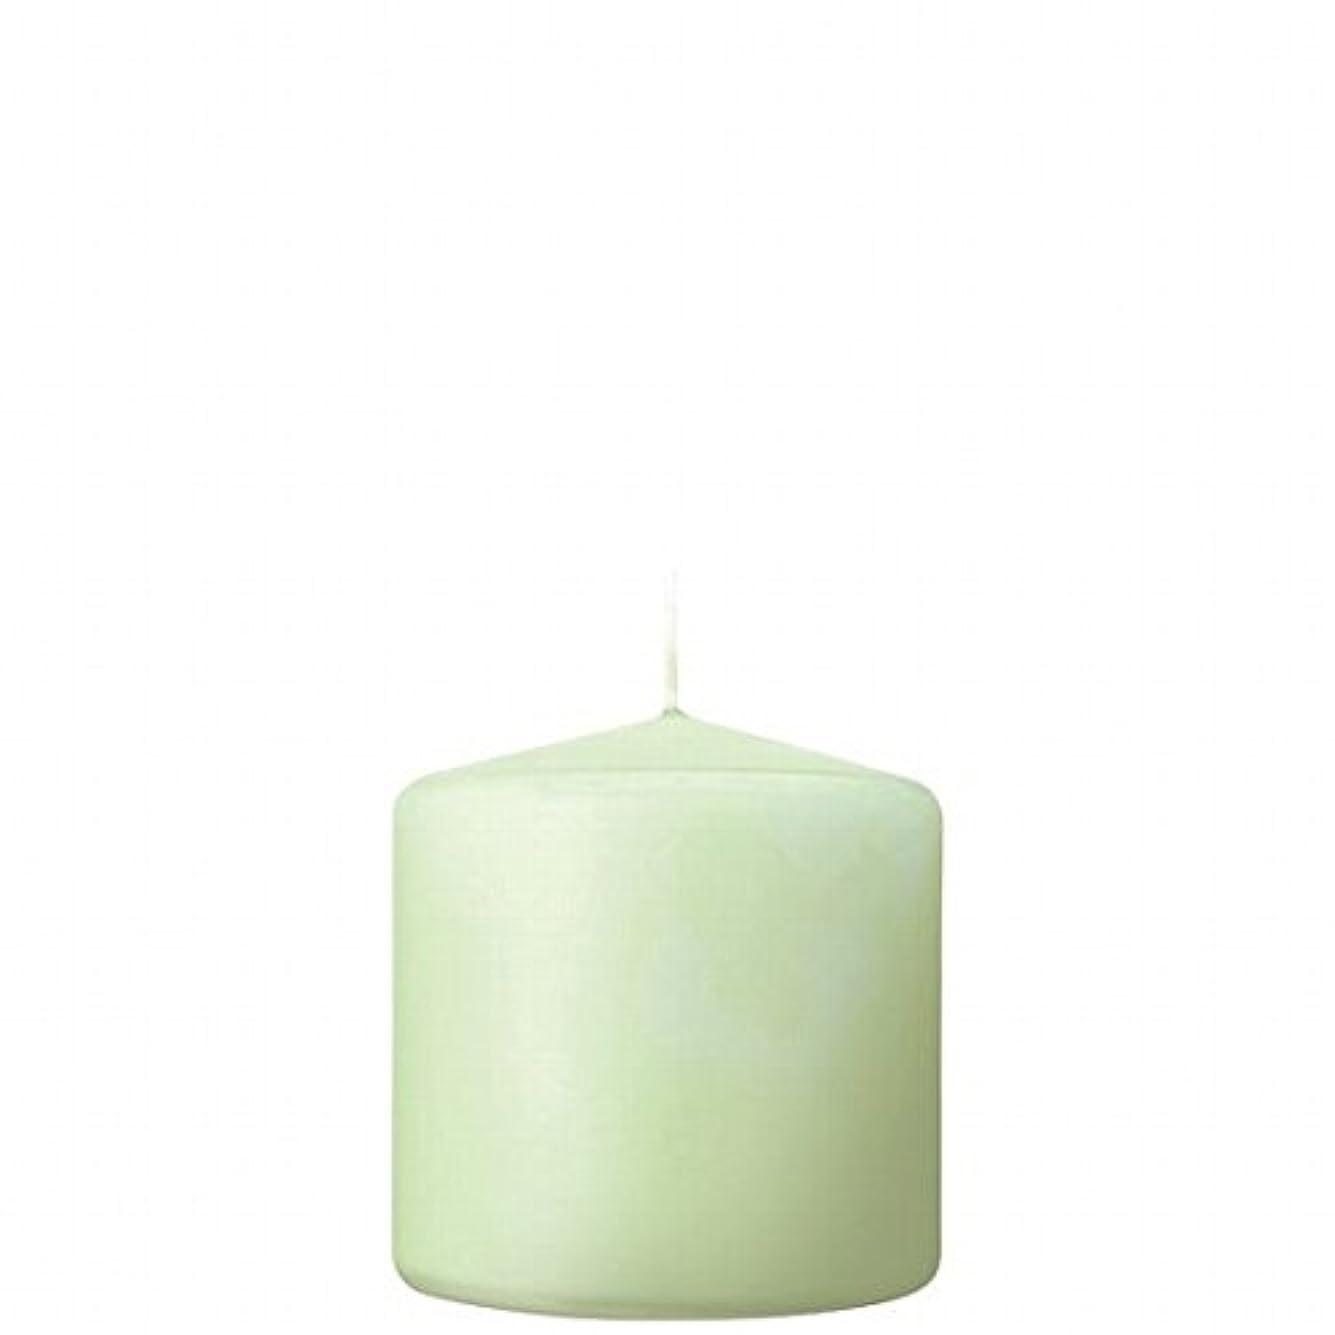 縫う分離バッチカメヤマキャンドル( kameyama candle ) 3×3ベルトップピラーキャンドル 「 ホワイトグリーン 」